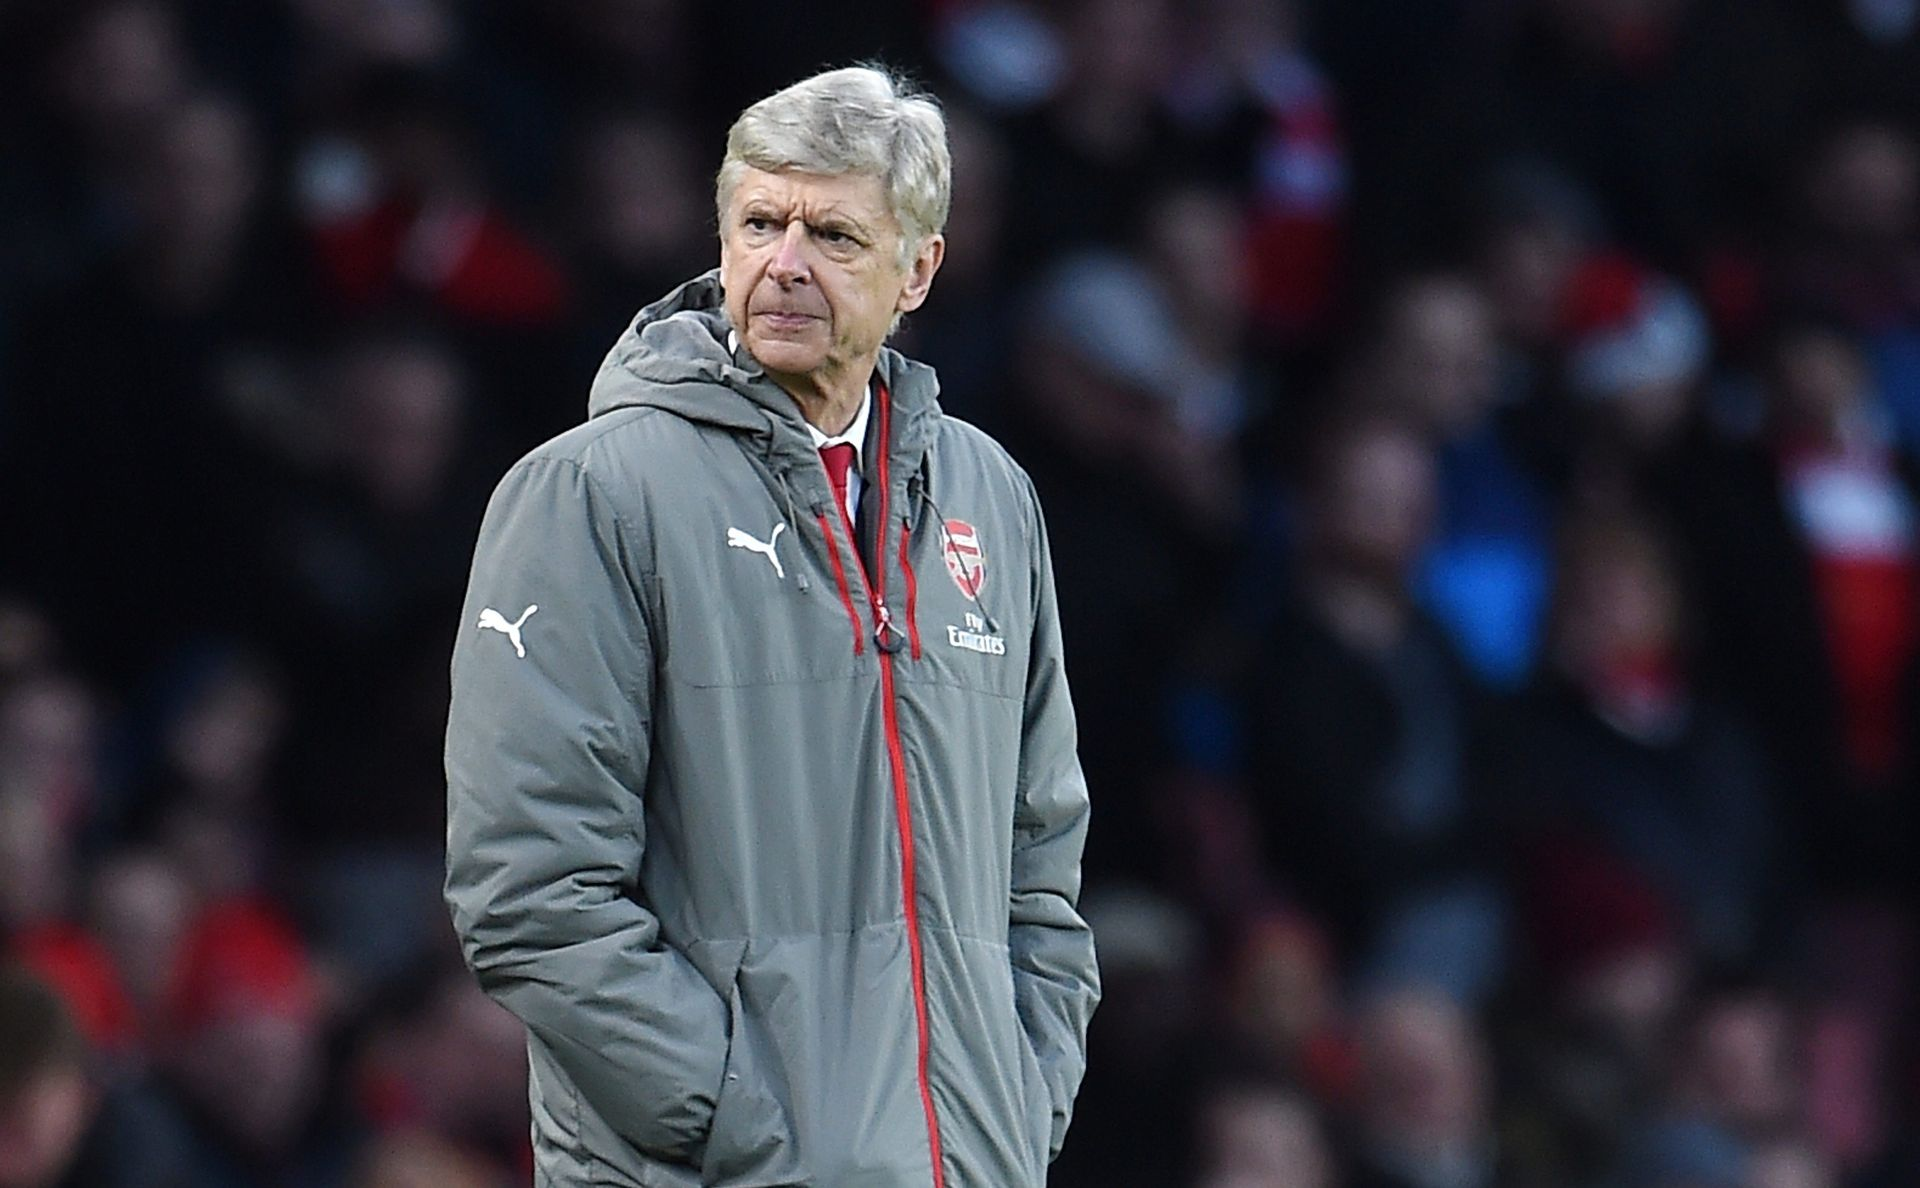 Wenger odbio ponudu PSG-a jer želi biti izbornik Francuske